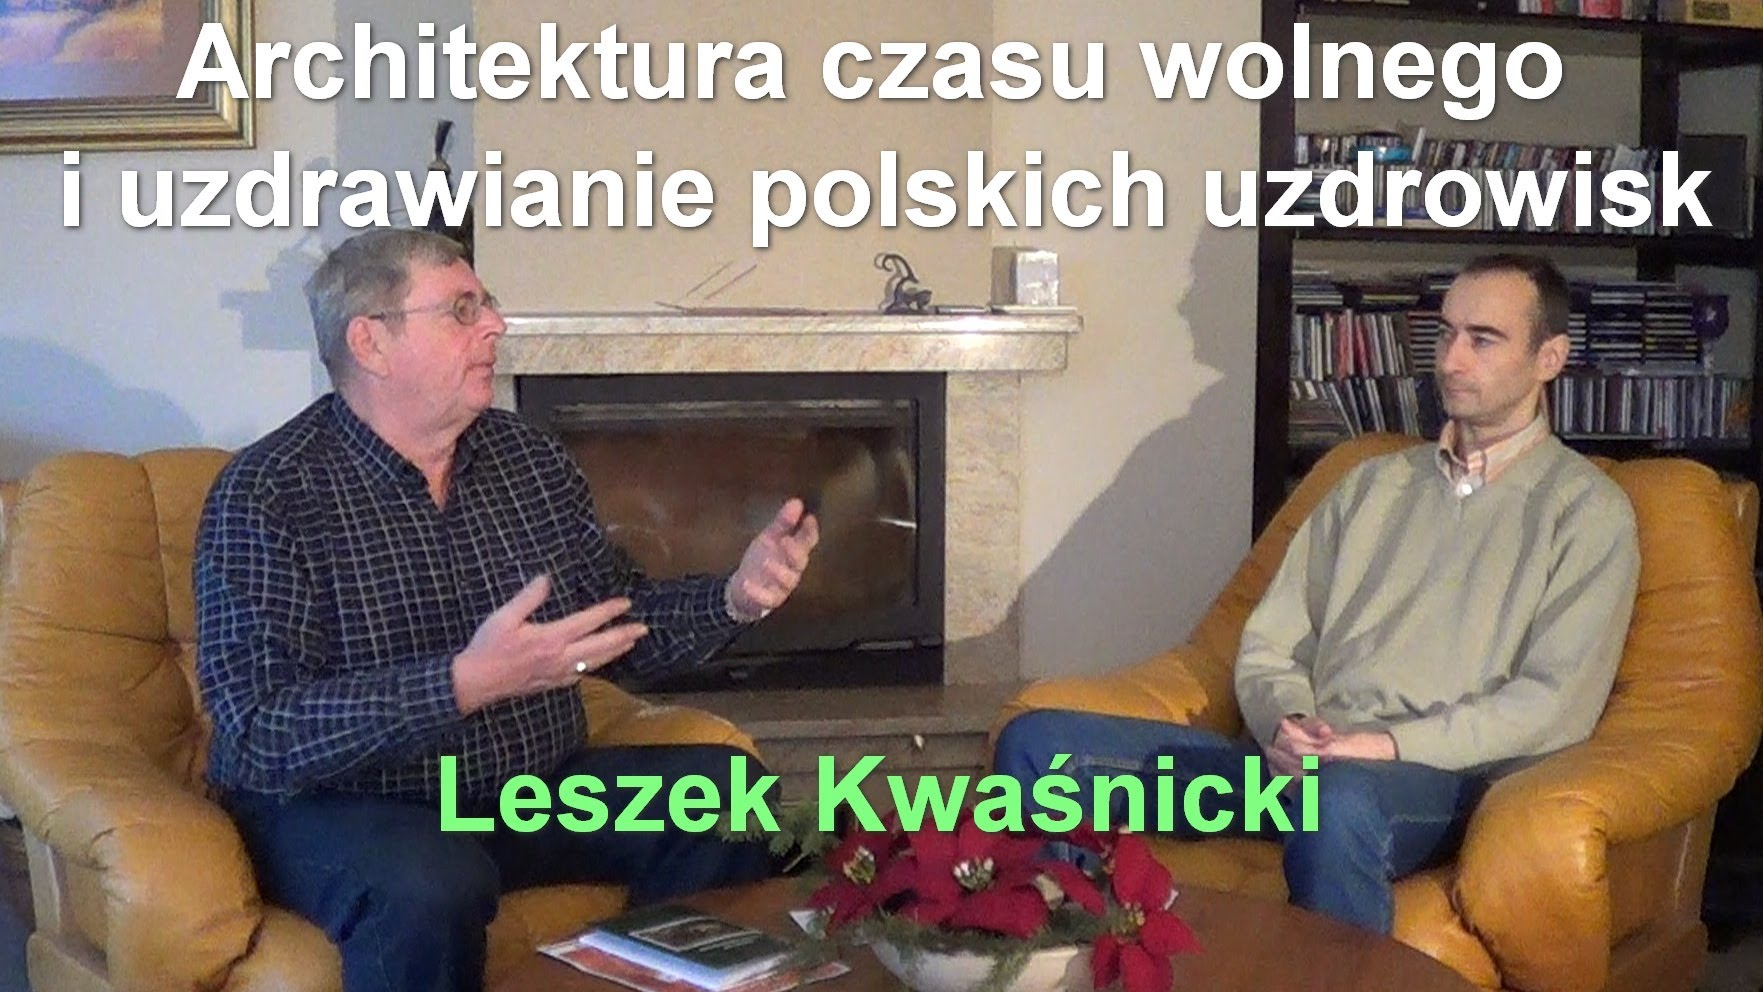 Architektura czasu wolnego  i uzdrawianie polskich uzdrowisk – Leszek Kwaśnicki